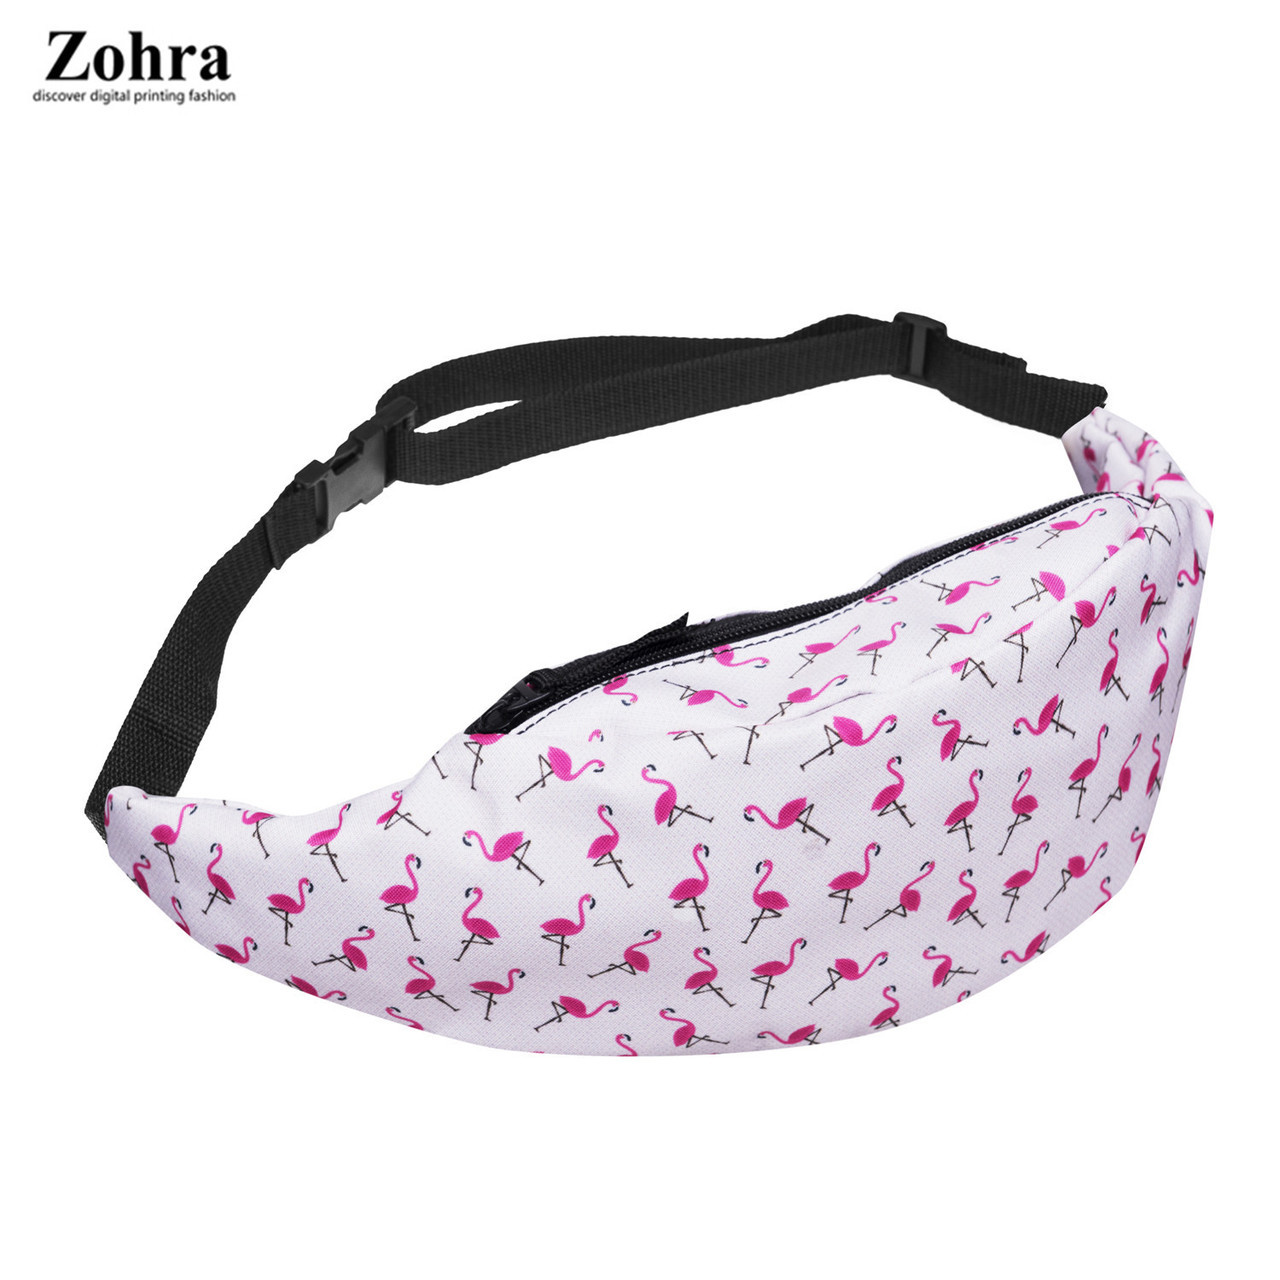 Поясная сумка в стиле Zohra Фламинго белая